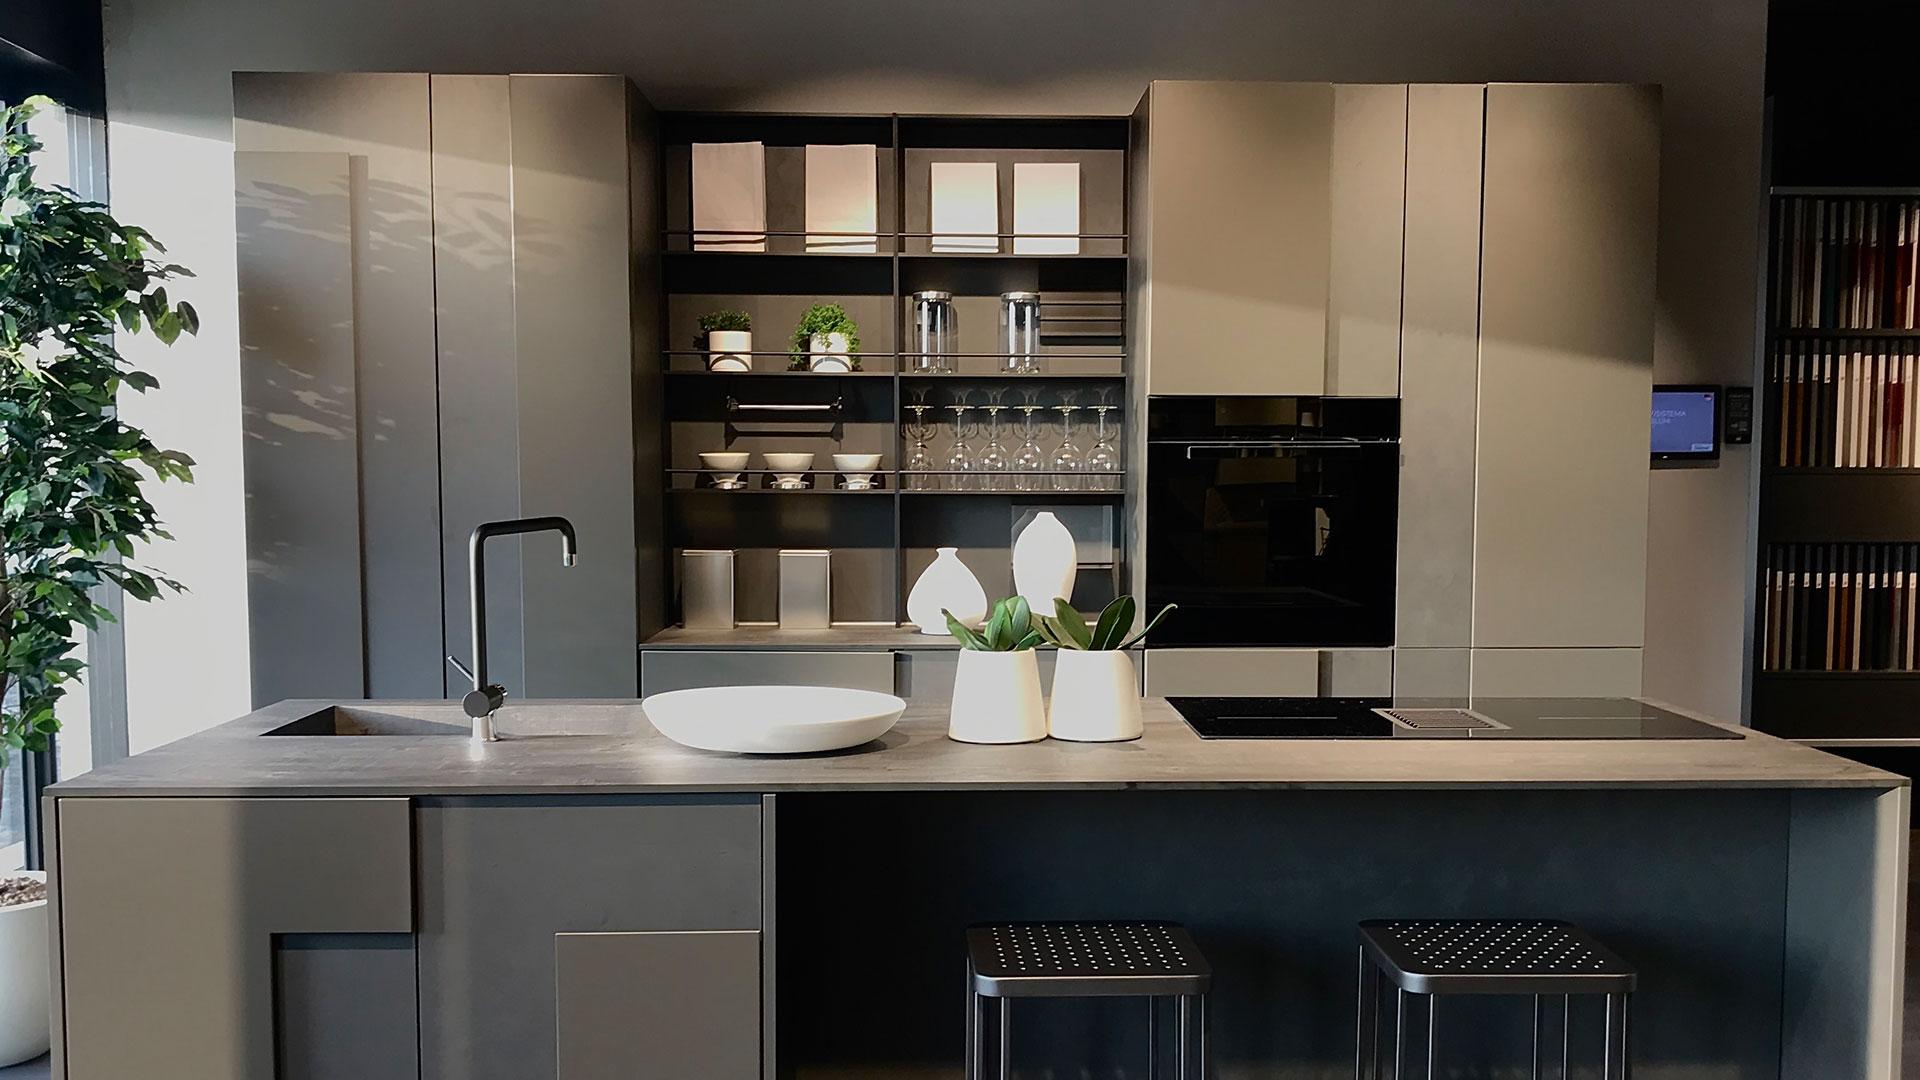 Lube Creo Store Lentate Sul Seveso Cucine Lube Creo Kitchens Monza E Brianza